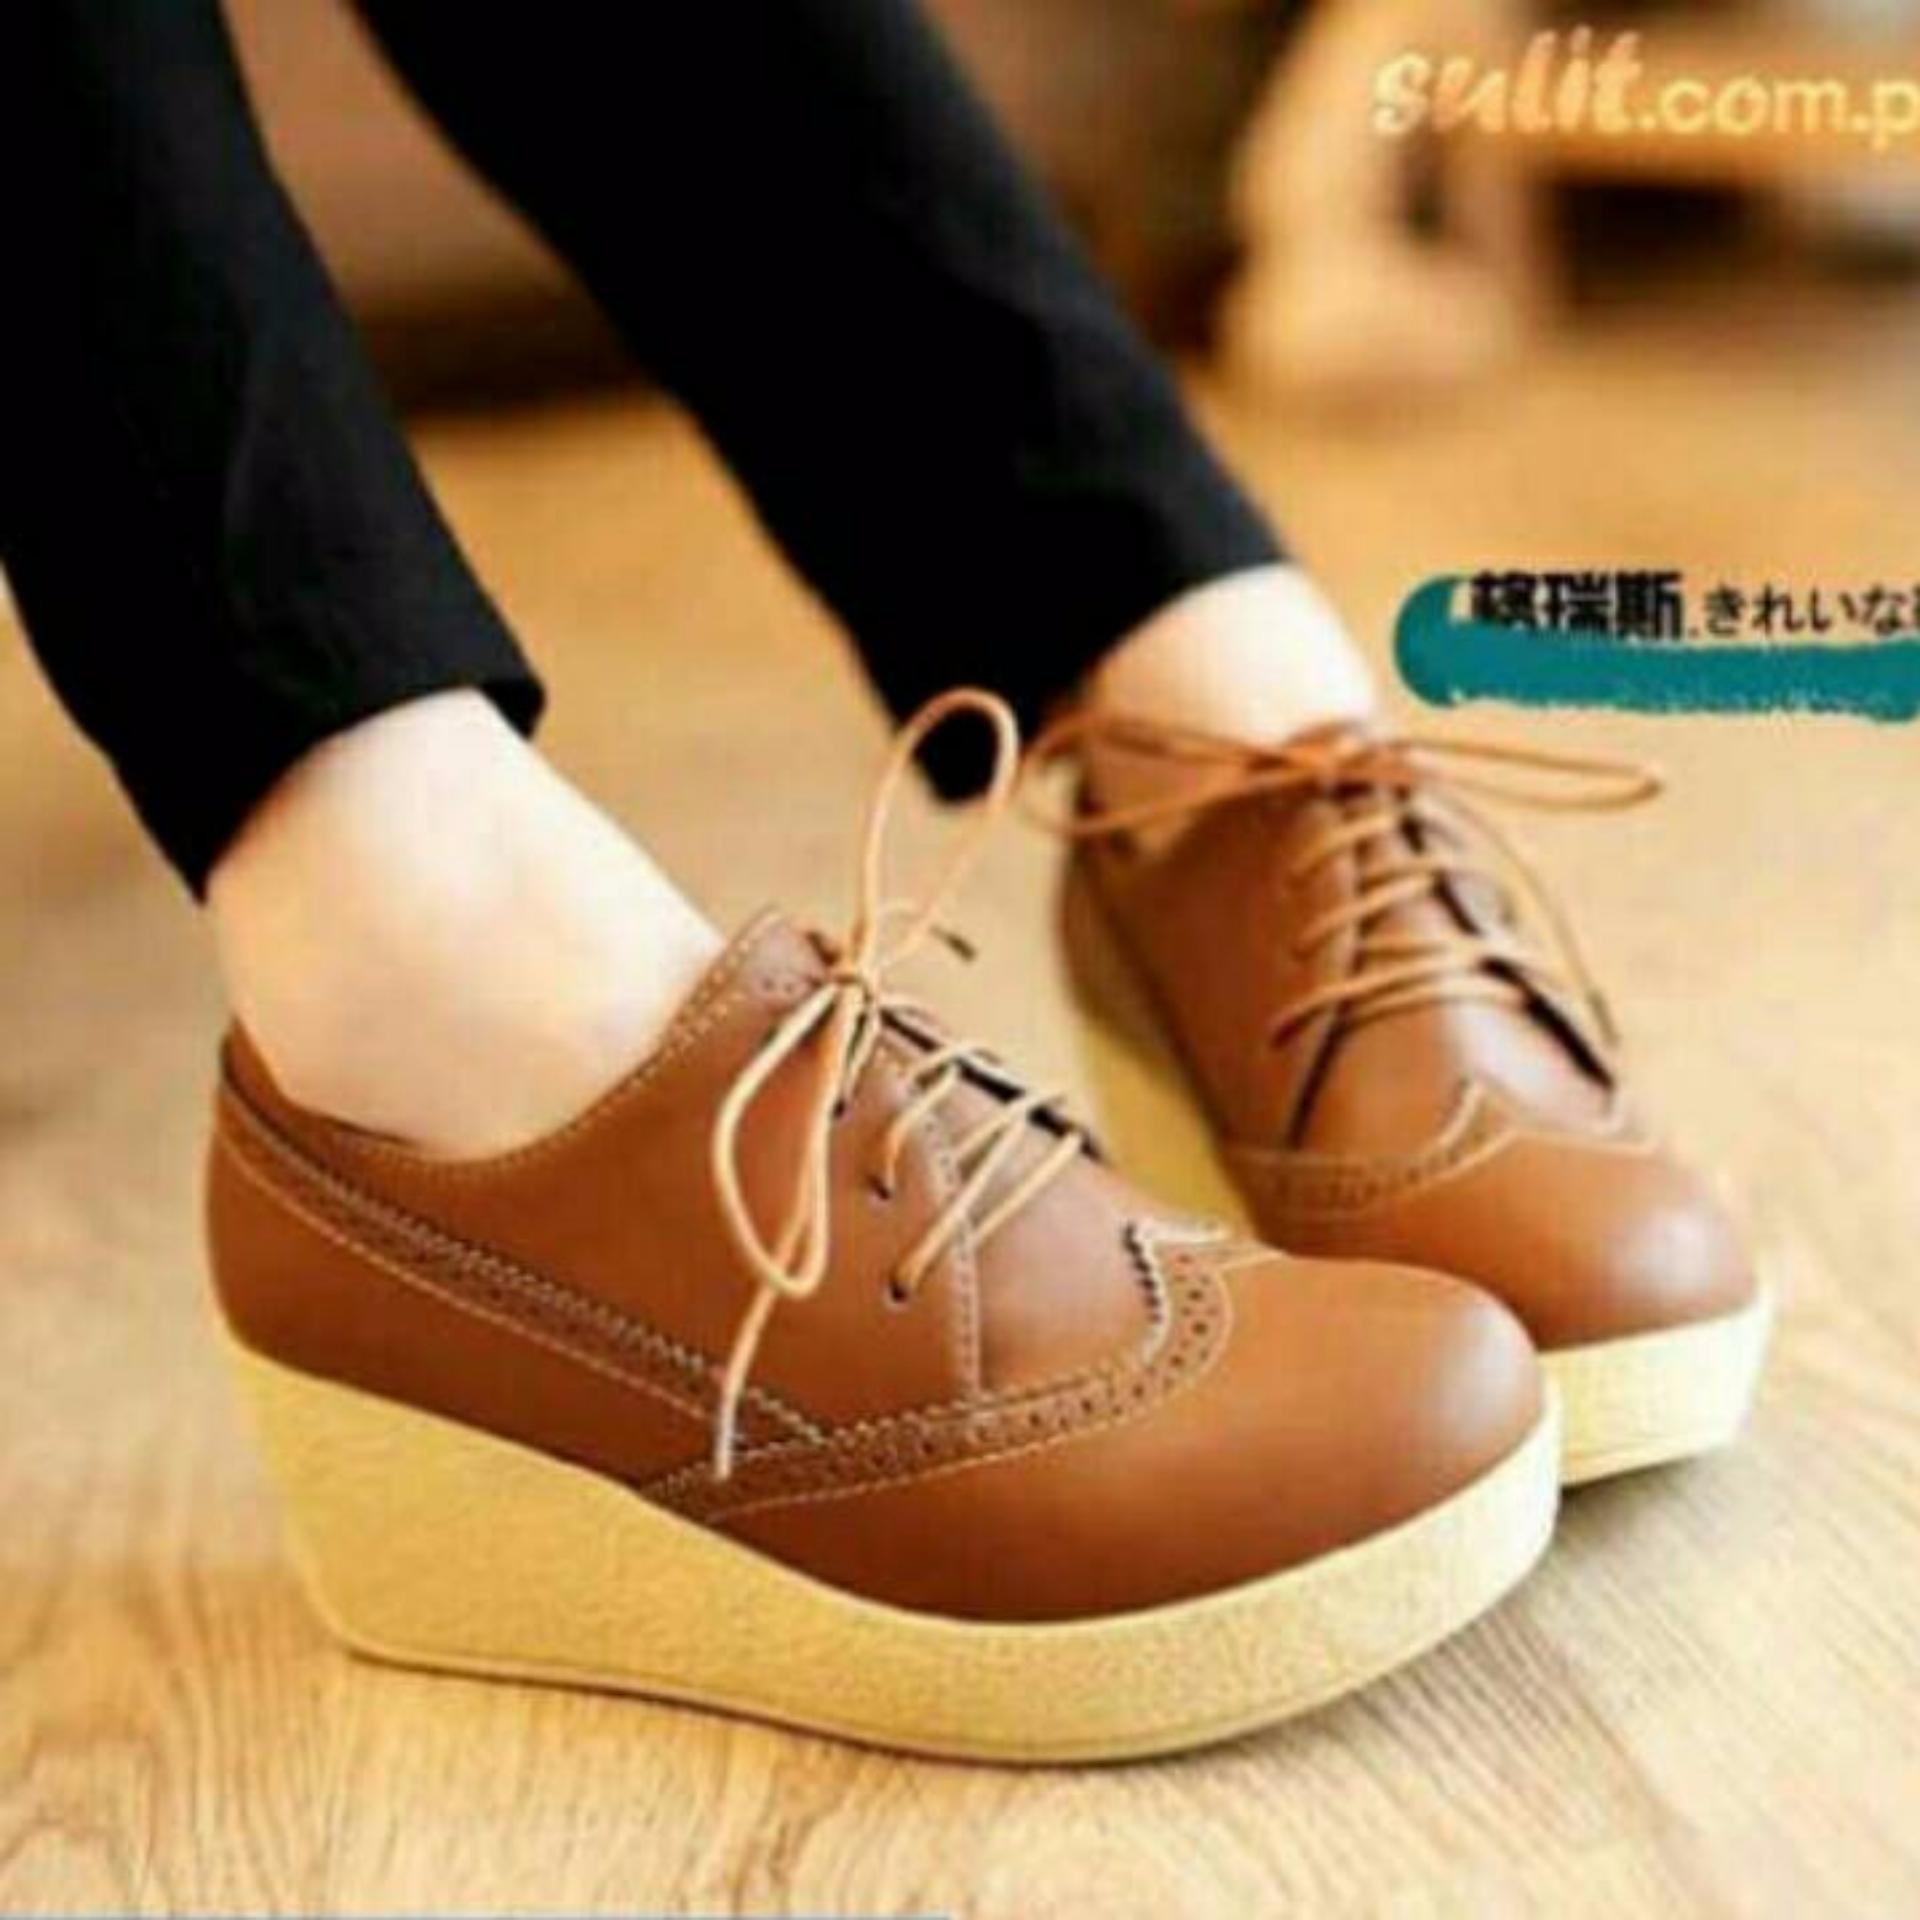 Jual Sepatu Kulit Wanita Wefges Boots Tan Cah 0174 Satu Set